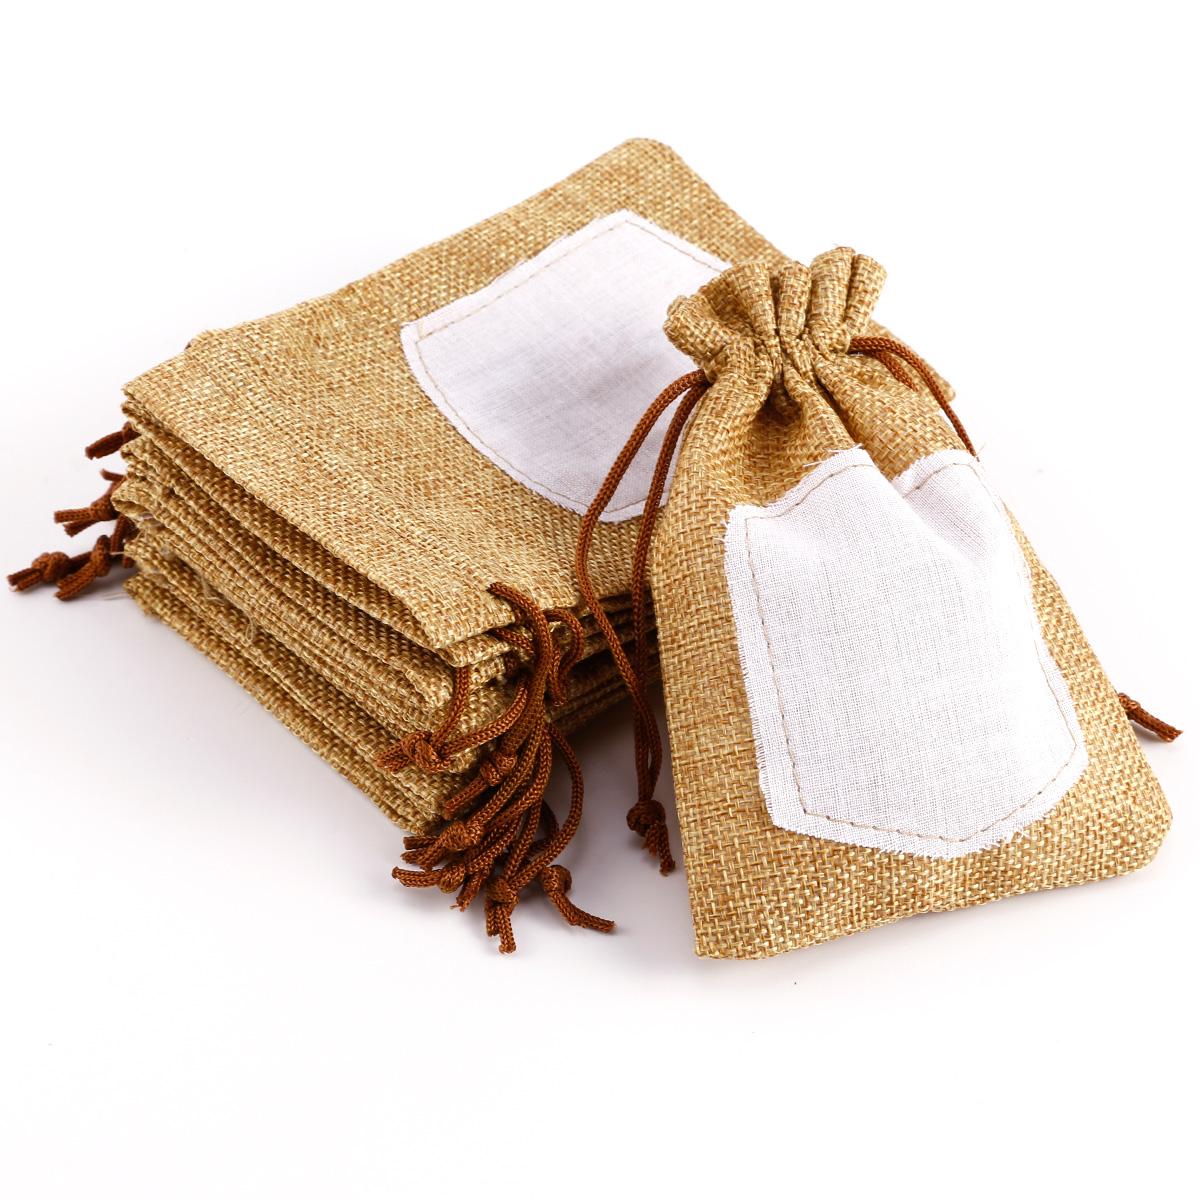 Bolsita de tela de saco bolsita de lino para boda bautizo - Bolsitas de tela de saco ...